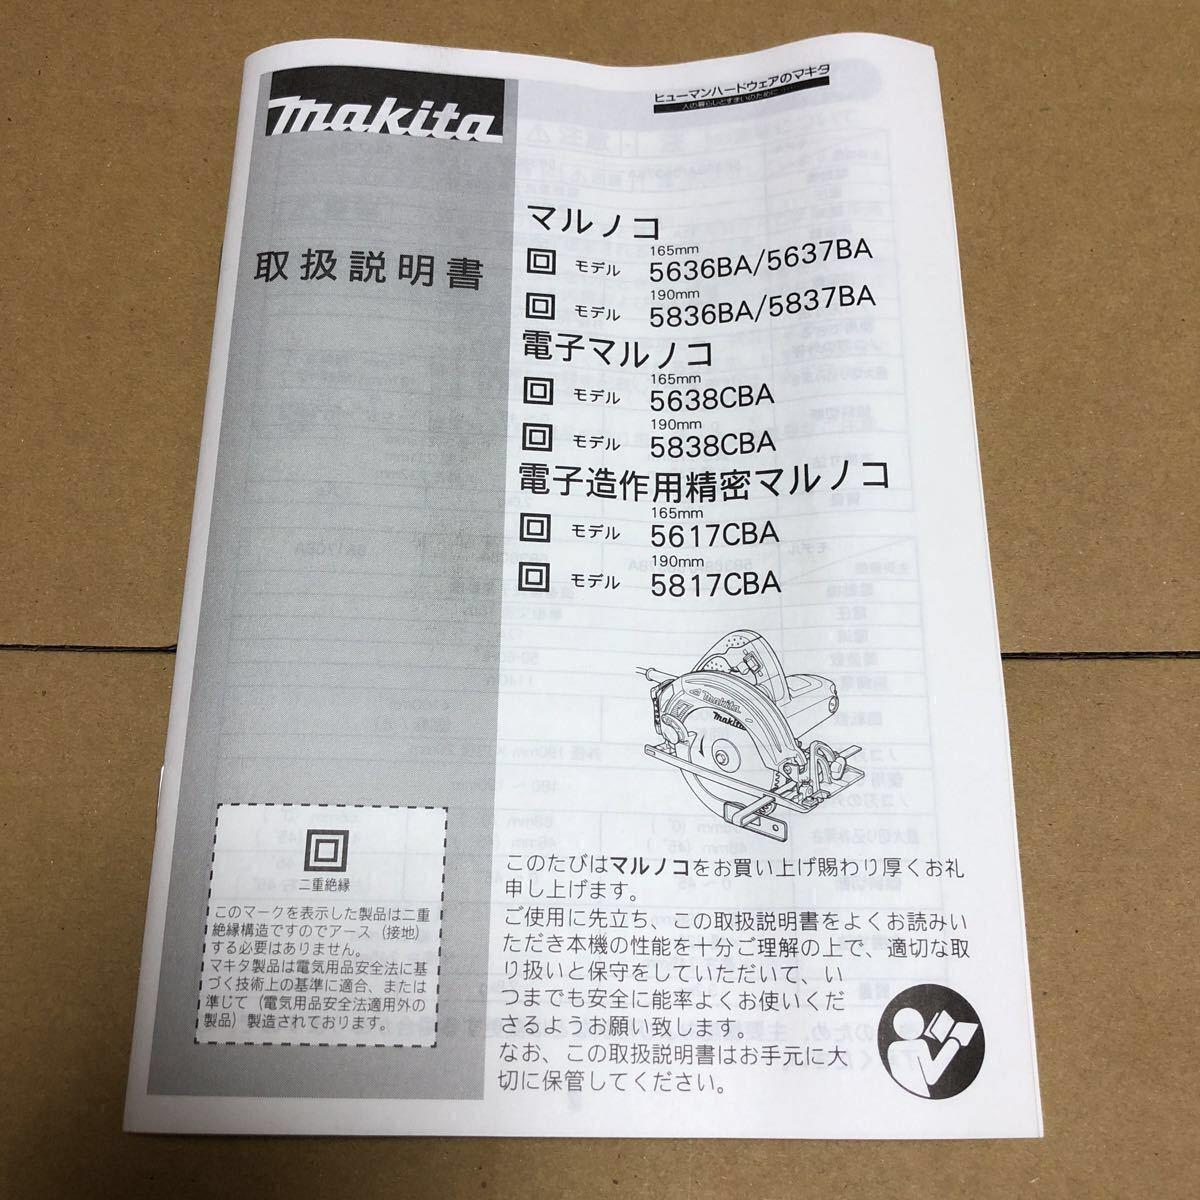 【新品・未使用】マキタ MAKITA 165mm 電気マルノコ 5637BAsp LEDライト 通電ランプ 二重絶縁 ブレーキ付 5637BA 丸のこ 丸ノコ 木材用刃付_画像4